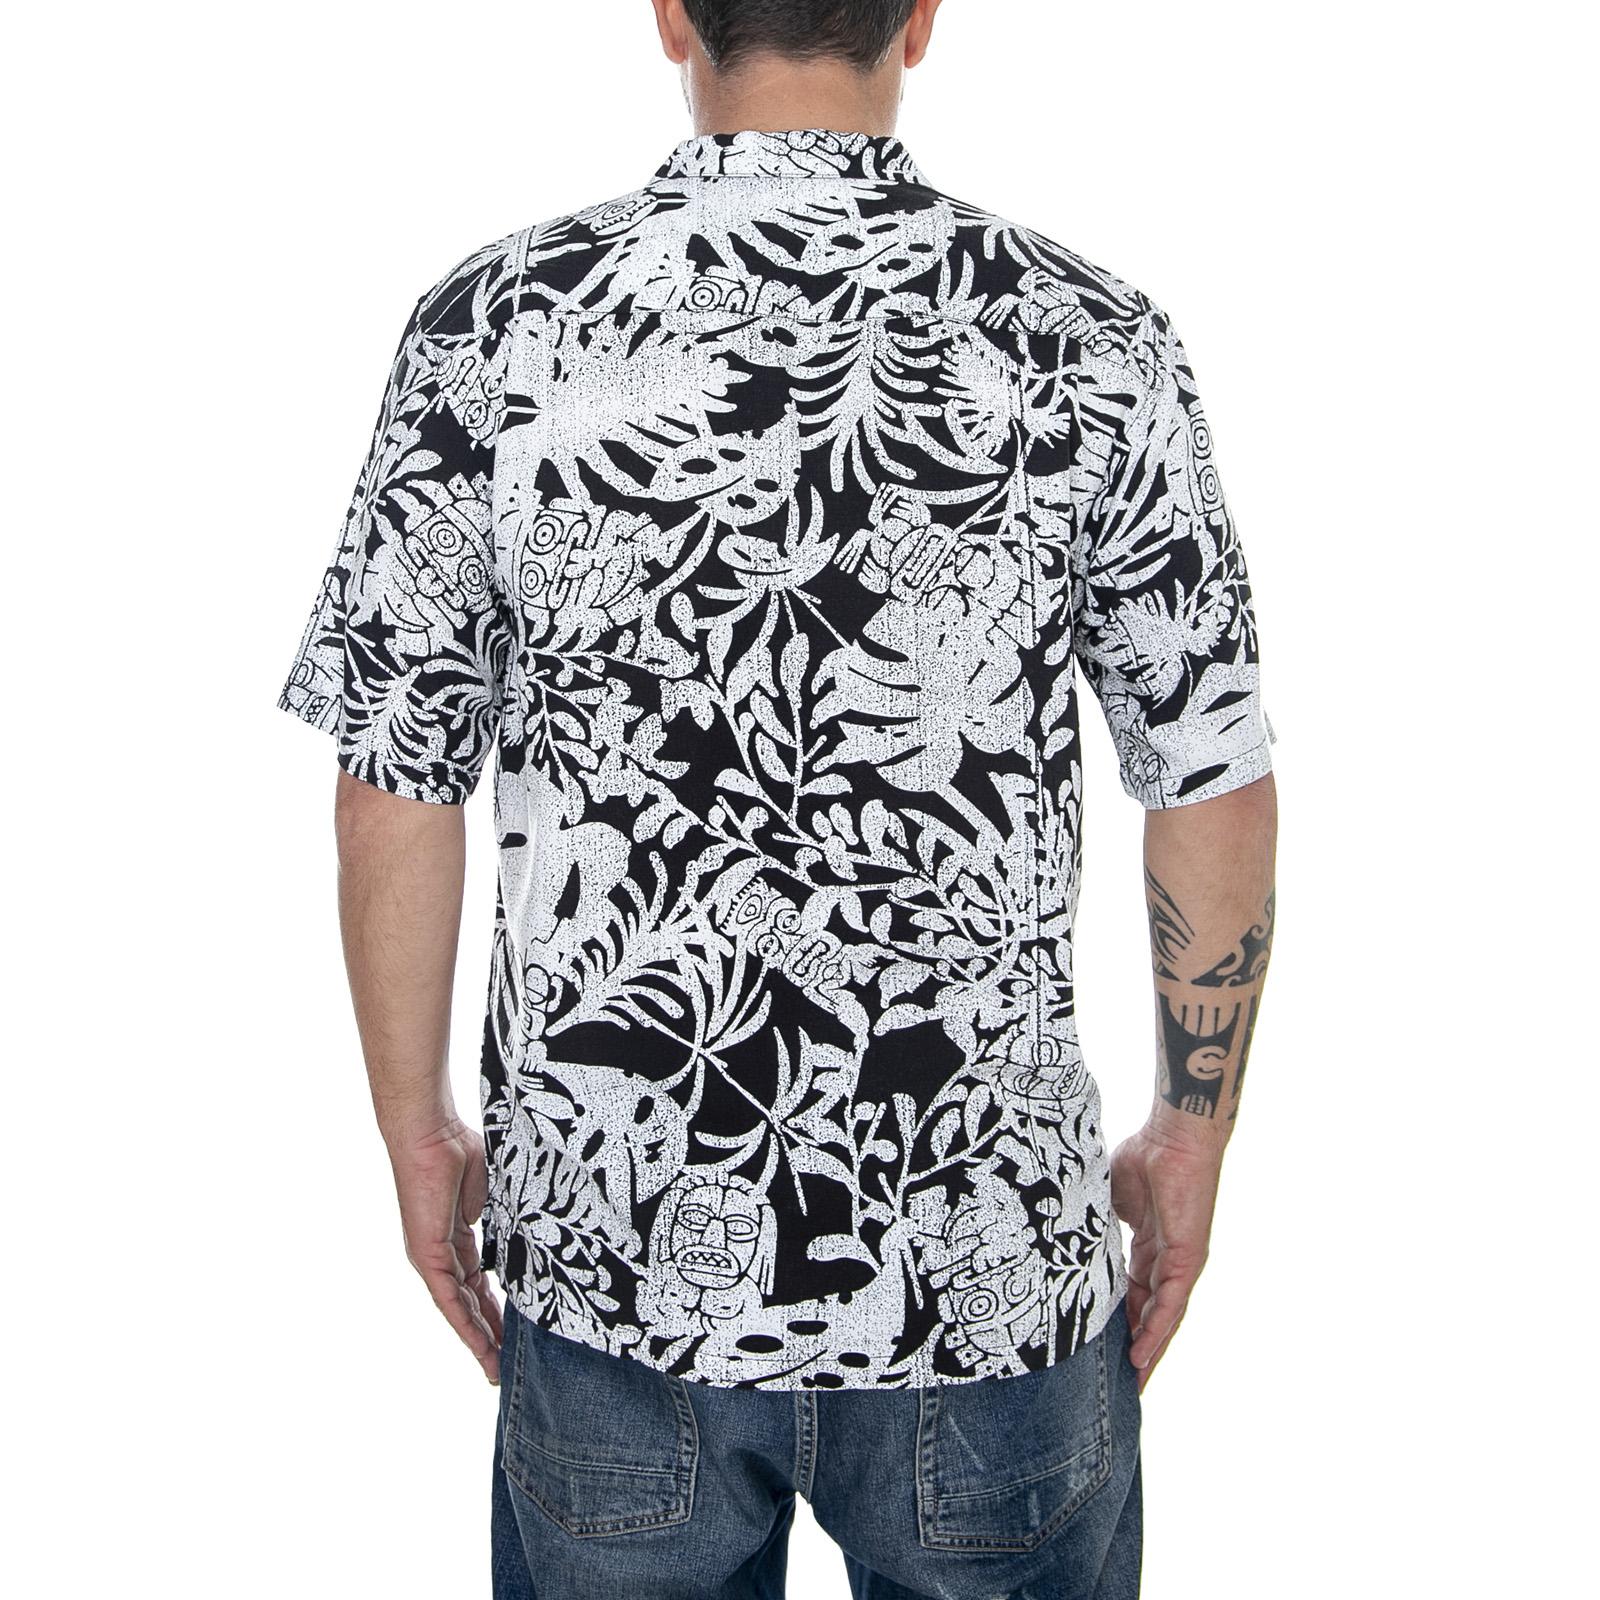 1e4f5580c5a1 Carhartt Tiki Mono - Black/White - Camicia Maniche Corte Uomo ...